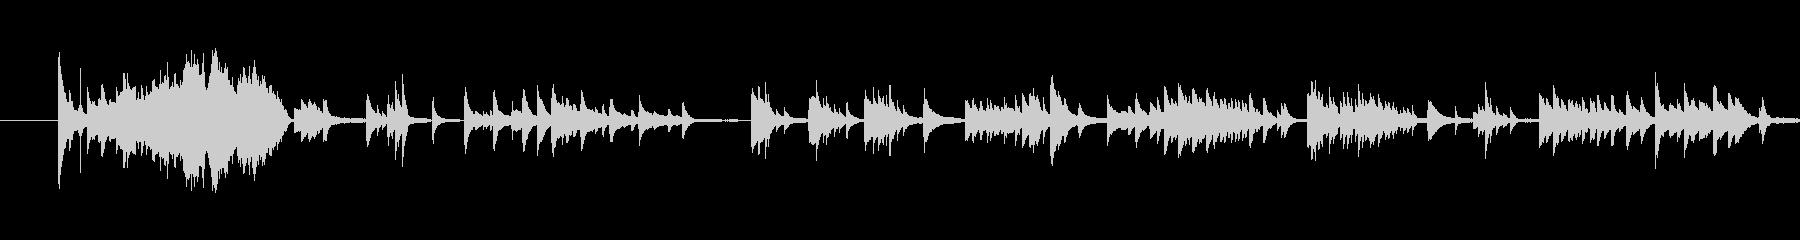 感情が揺れ動く切なく美しいピアノバラードの未再生の波形